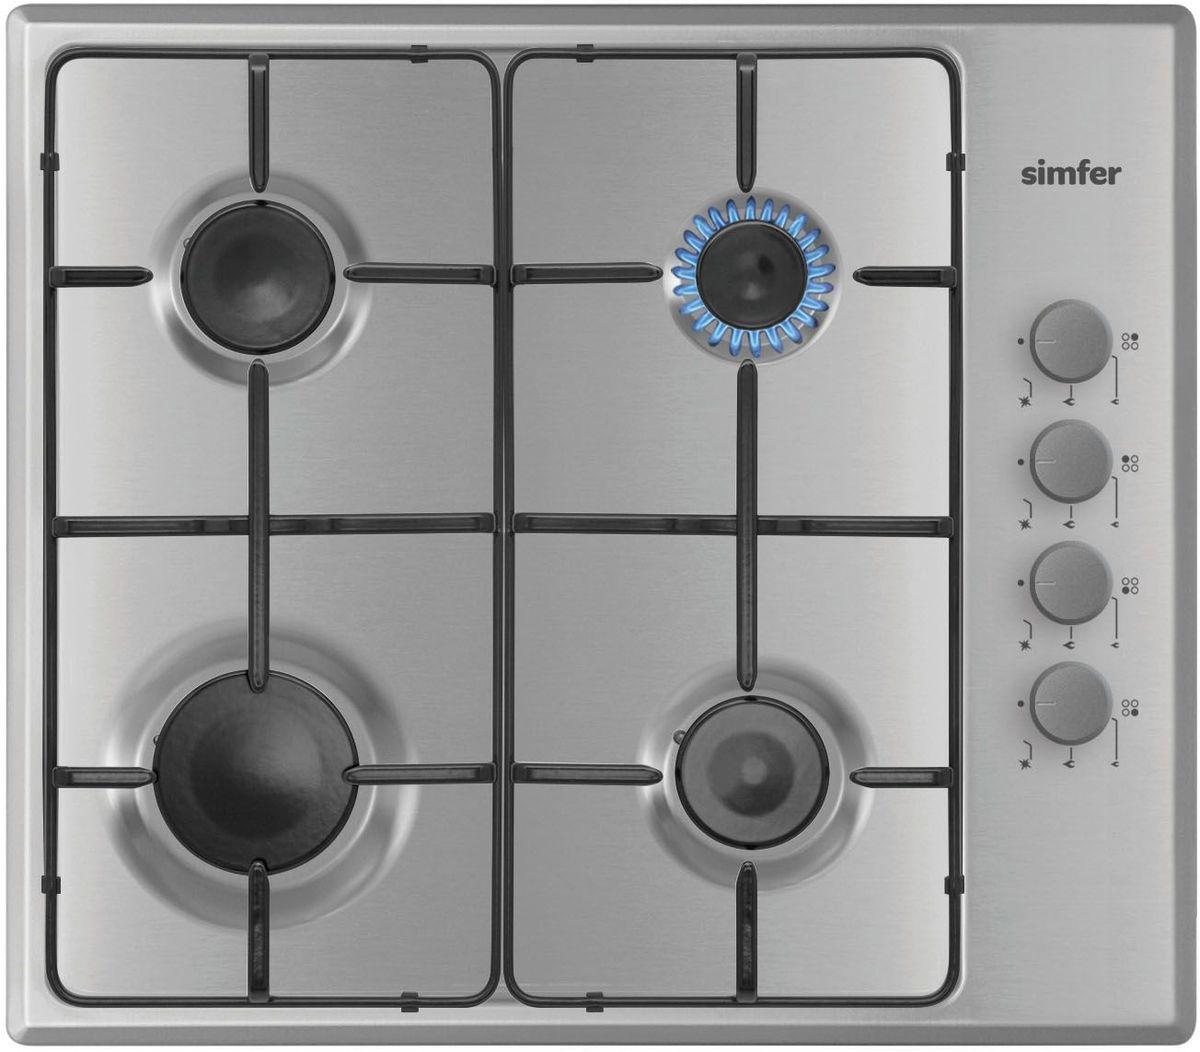 Simfer H60Q40M411 панель варочная газоваяH60Q40M411Газовая варочная панель Simfer H60Q40M411 с чистым пламенем доведет вашу сковороду до нужной температуры без всяких задержек. Включите её и всё днище сковороды будет моментально нагрето. Simfer H60Q40M411 упрощает приготовление и делает его безопаснее благодаря особой форме подставок, обеспечивающих абсолютную устойчивость посуды. Нет способа быстрее и удобнее для того, чтобы разжечь конфорку, чем автоподжиг варочной панели. Просто поверните ручку, чтобы открыть и зажечь газ одним плавным движением.